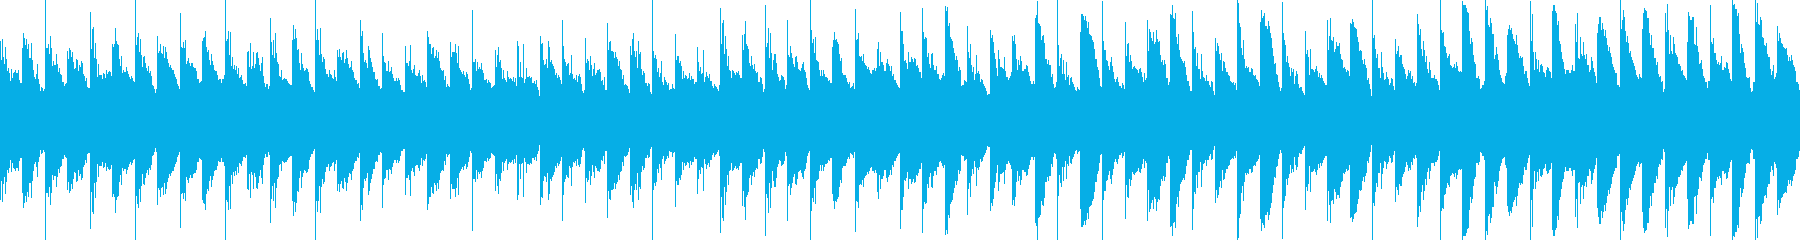 切ない雰囲気のセンチメンタルループの再生済みの波形